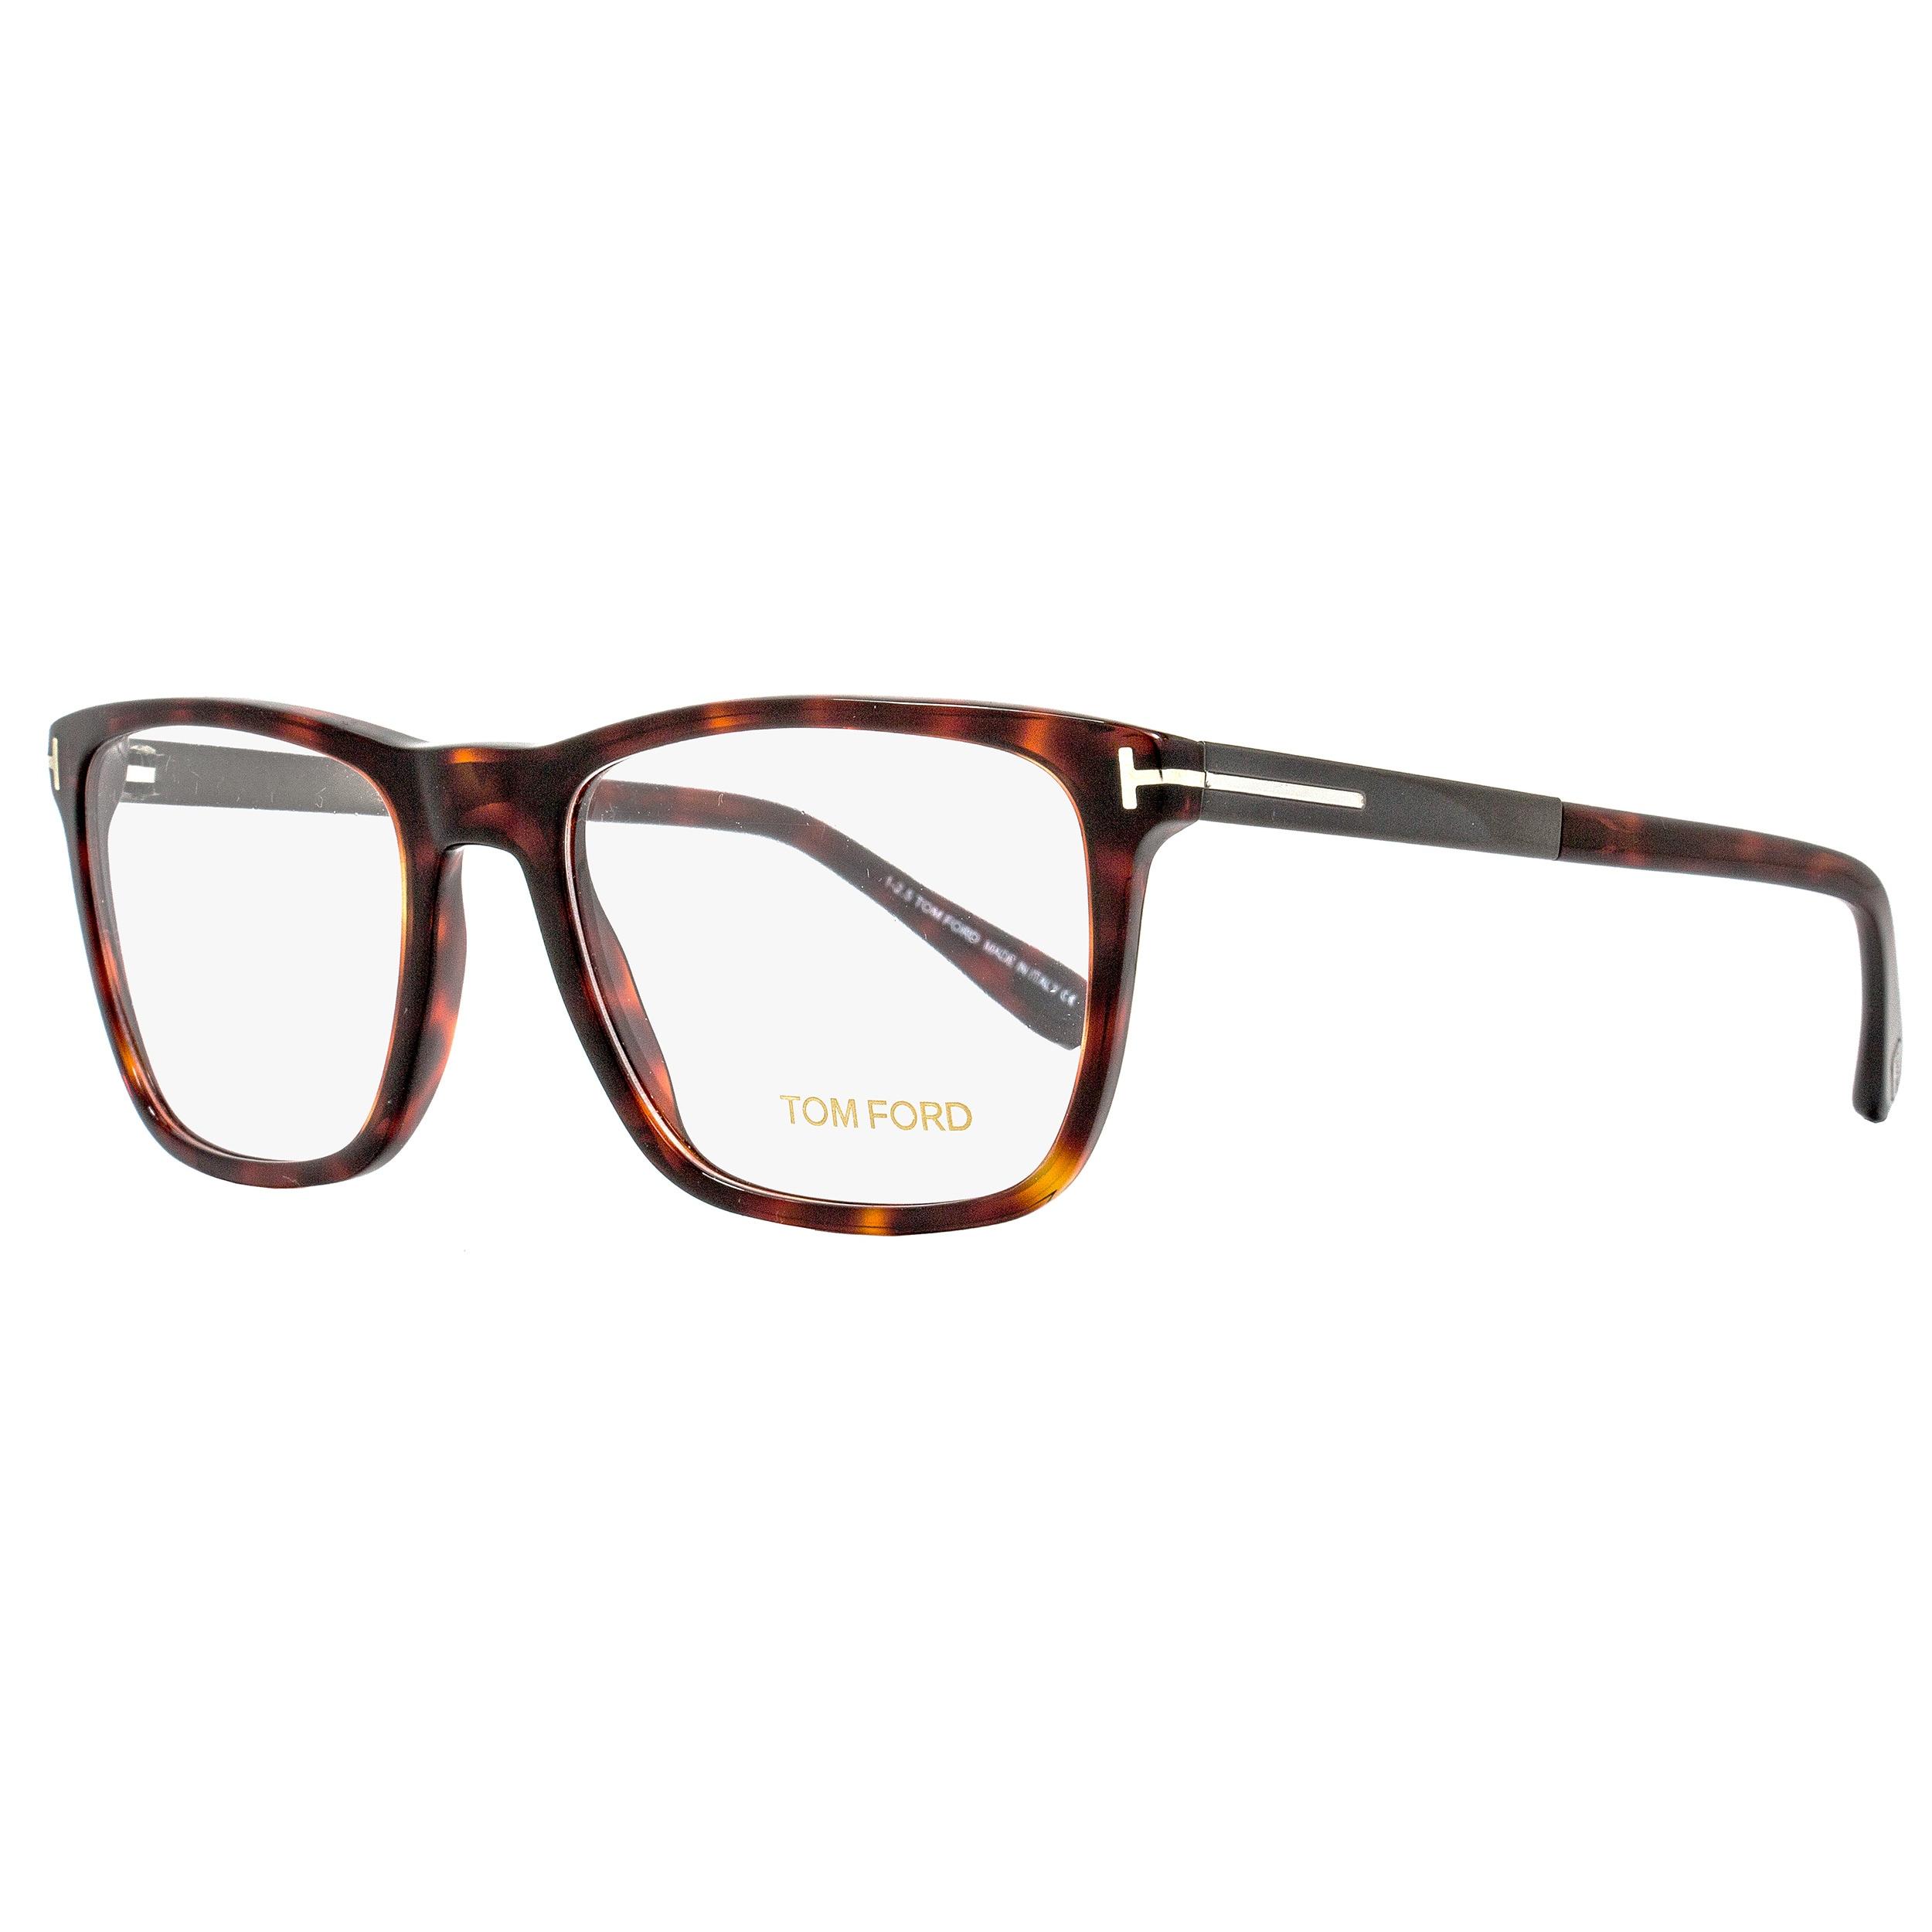 Tom Ford Unisex Ft 5351 052 54Mm Optical Frames